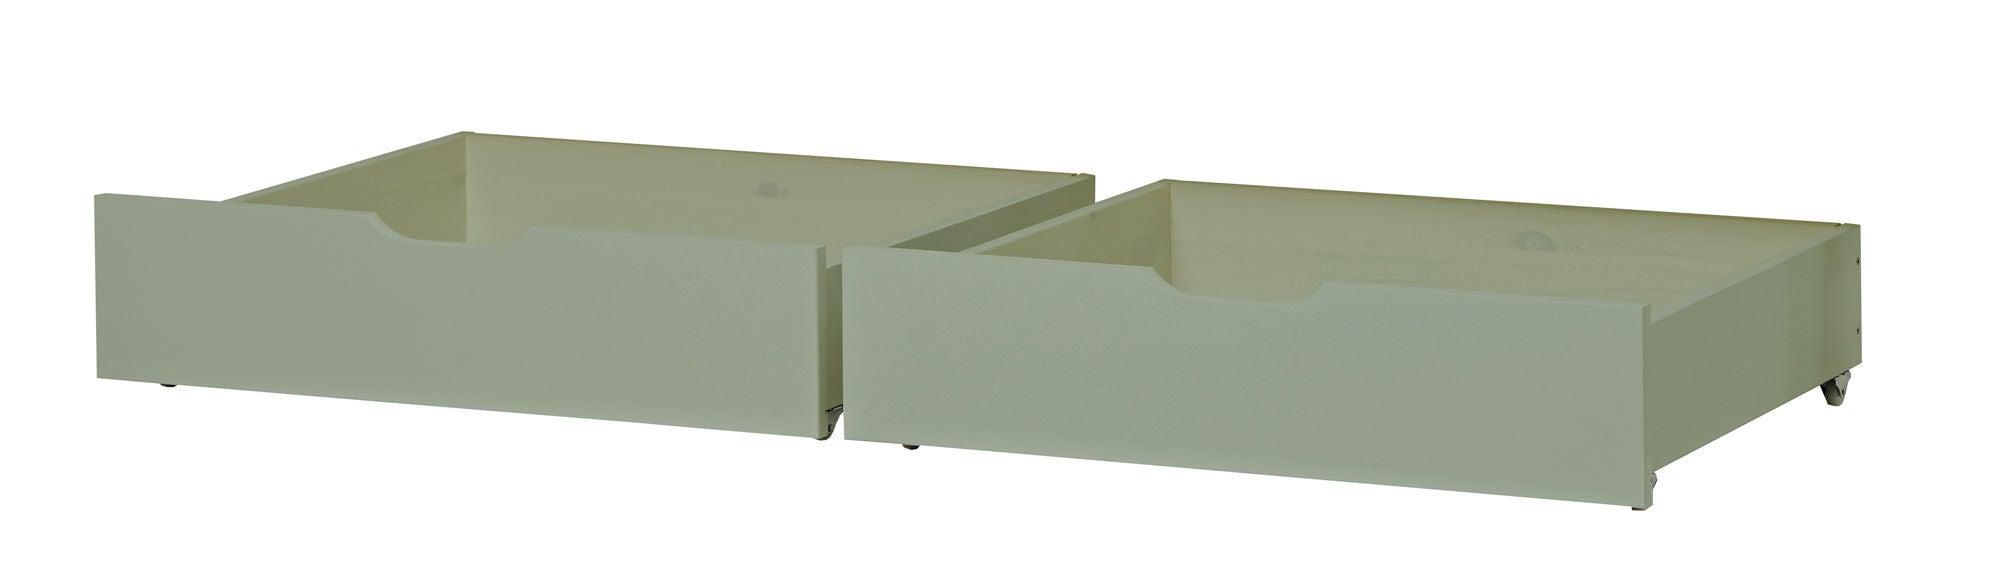 Hoppekids Sängynaluslaatikot IDA-MARIE 2-pack, Pale Green